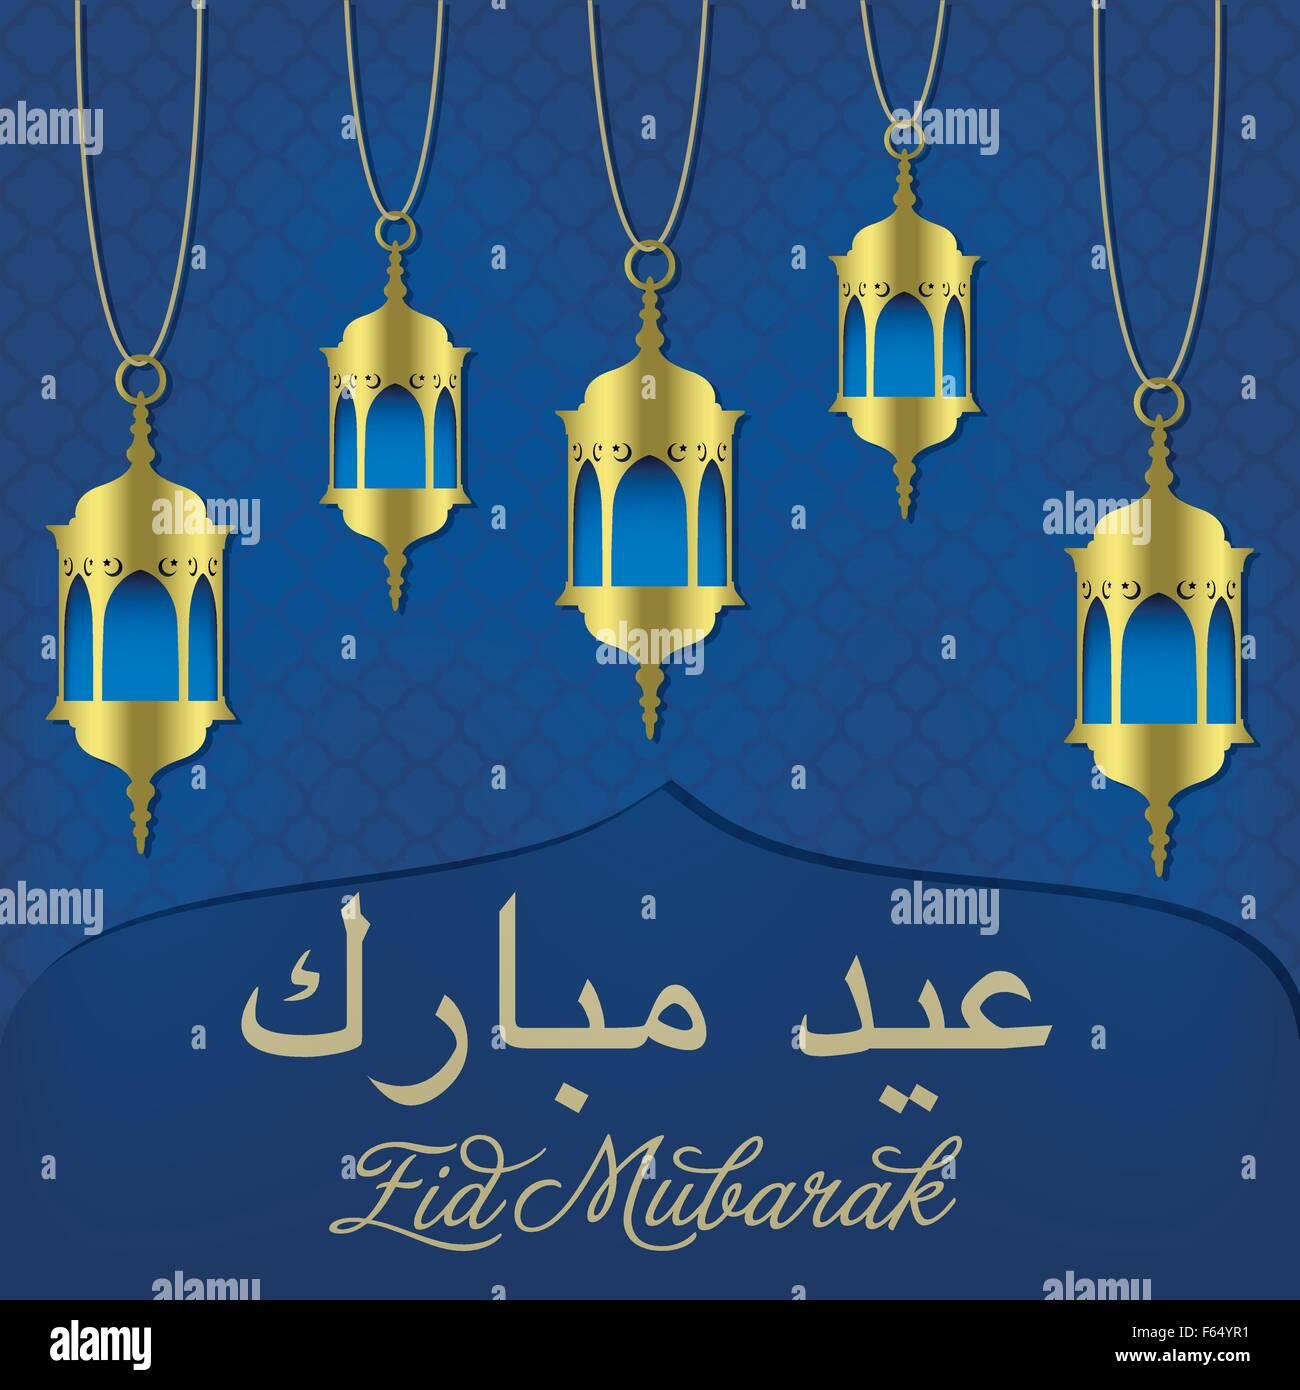 Eid mubarak blessed eid lantern greeting card in vector format eid mubarak blessed eid lantern greeting card in vector format m4hsunfo